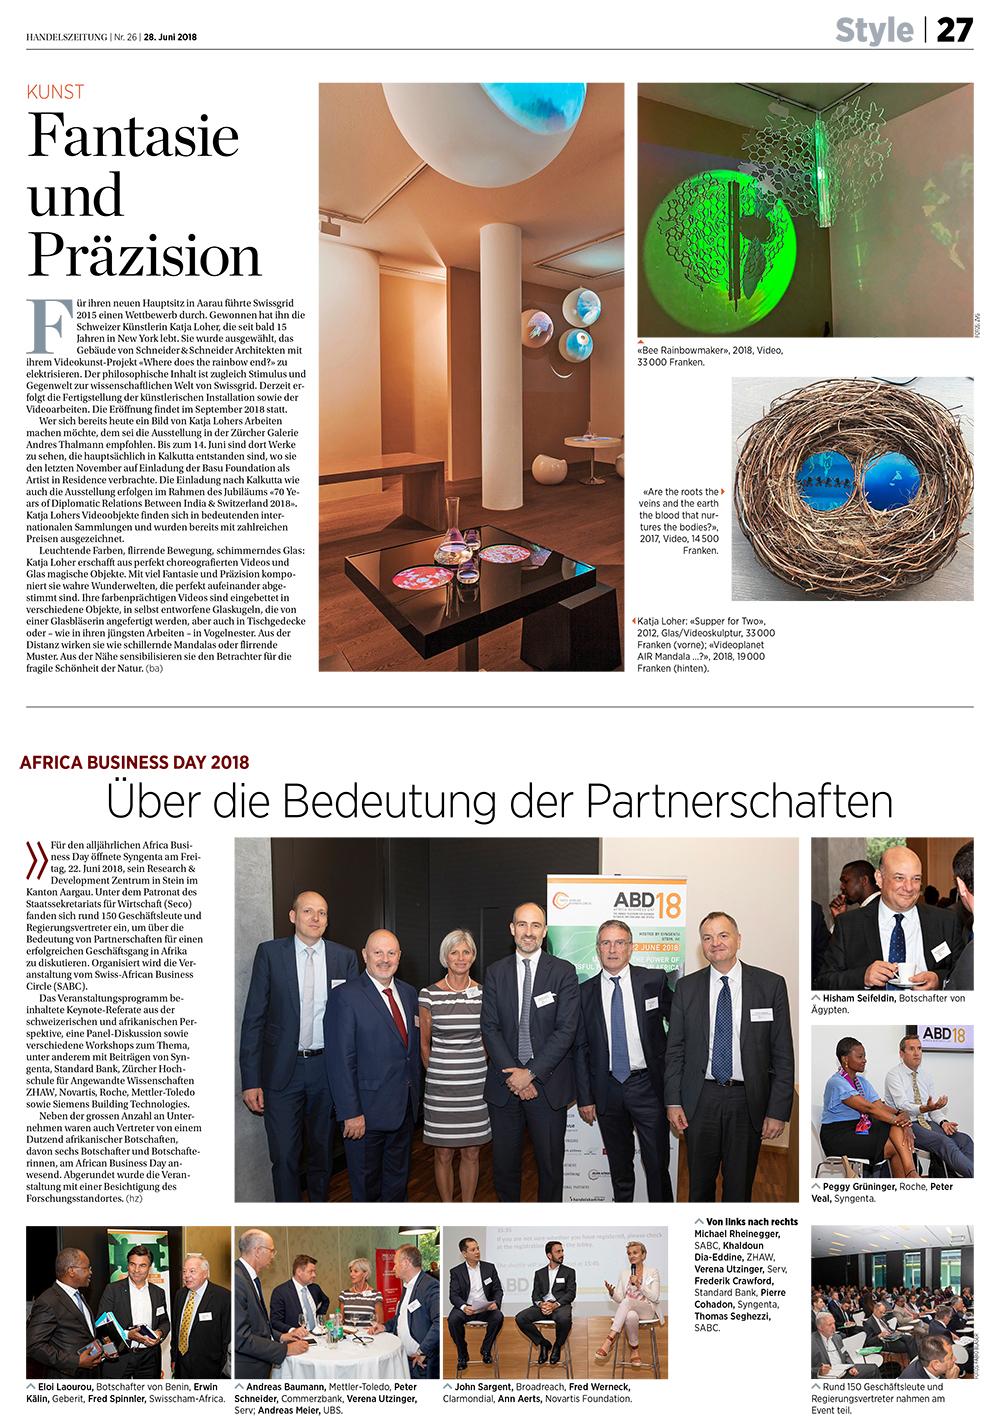 Handelszeitung Katja Loher 27.6.18.jpg